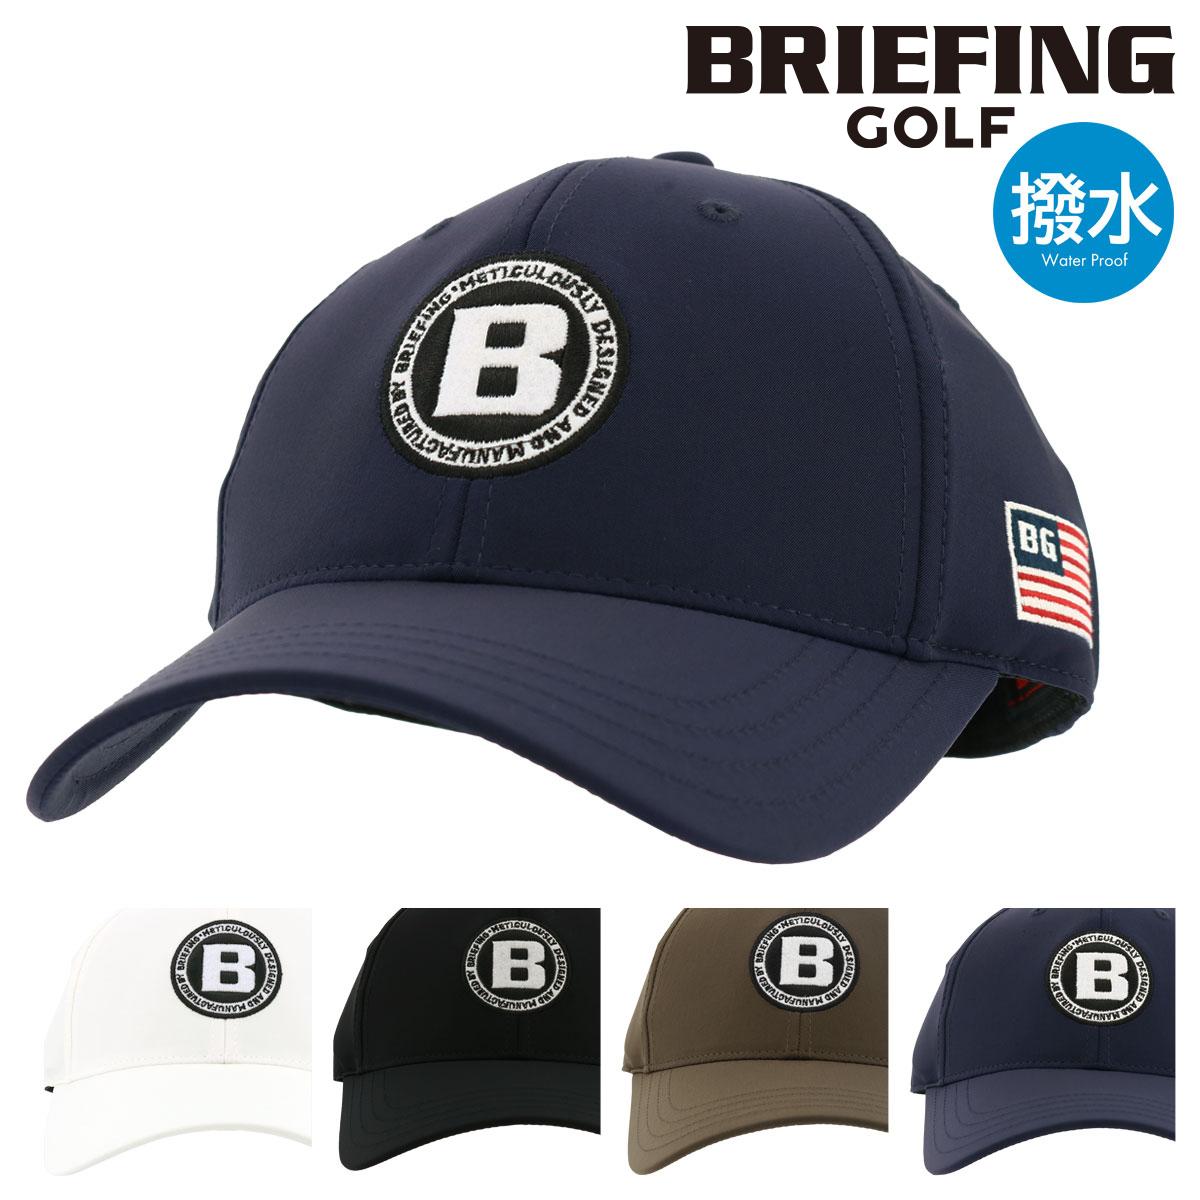 安値 格安SALEスタート 送料無料 あす楽 ブリーフィング ゴルフ 帽子 キャップ 撥水 メンズ BRG213M69 CAP MENS GOLF 即日発送 WR BASIC BRIEFING スポーツ